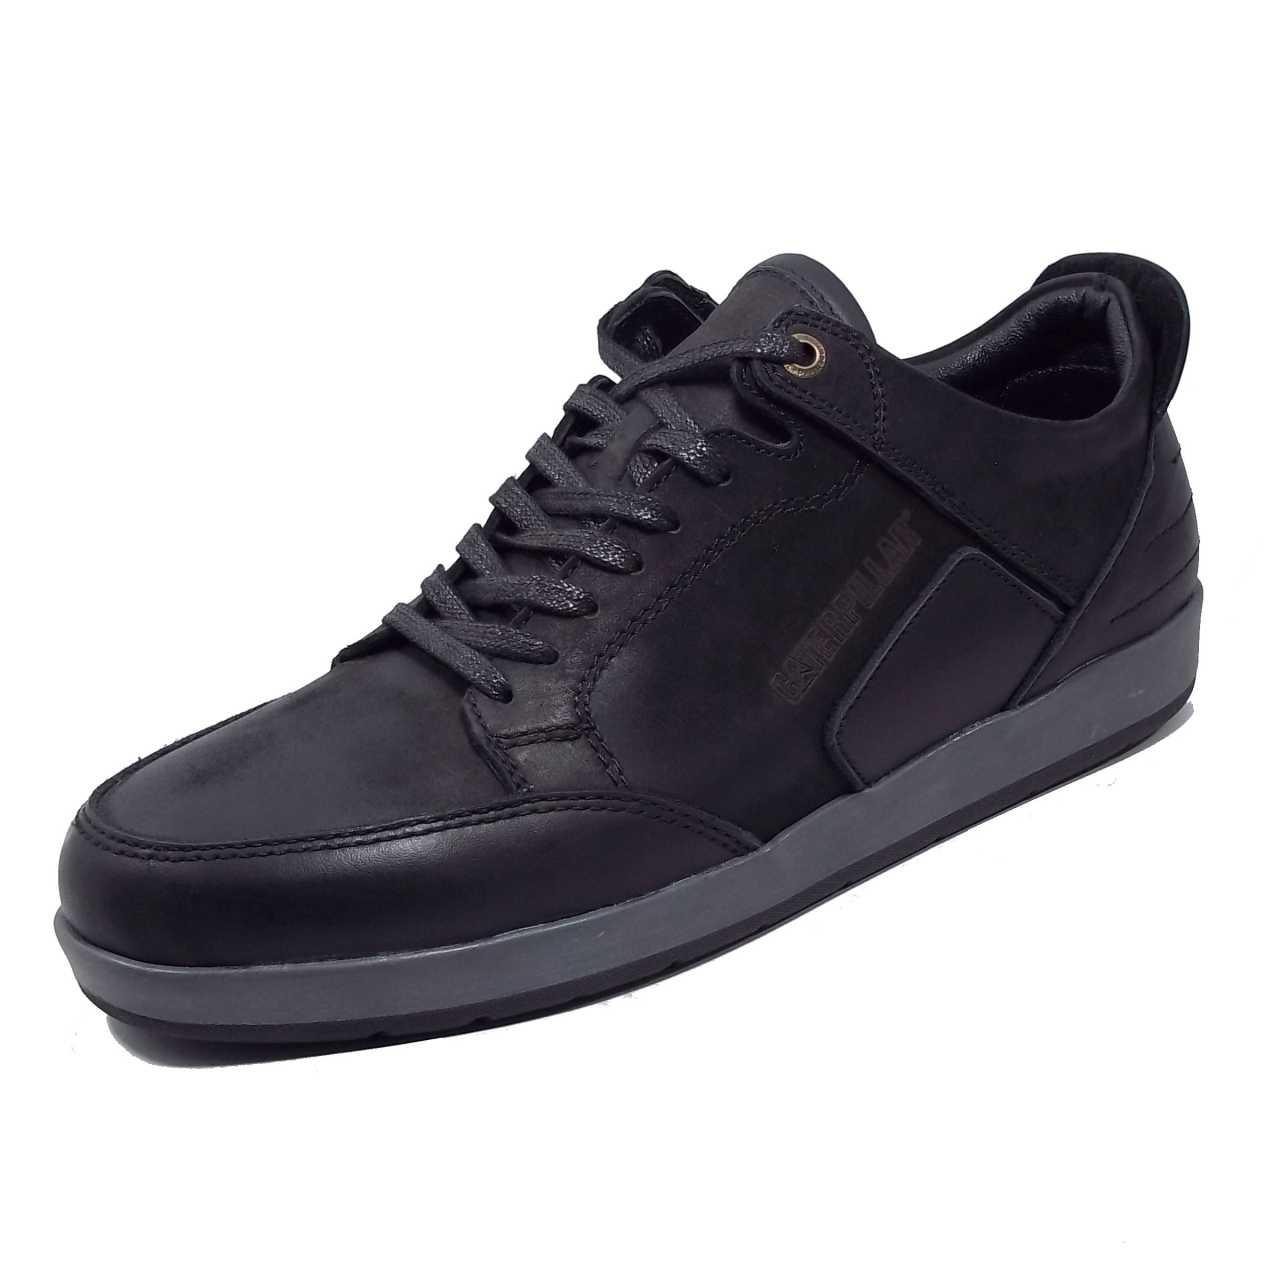 کفش اسپرت چرم کترپیلار مدل آلفرد مشکی